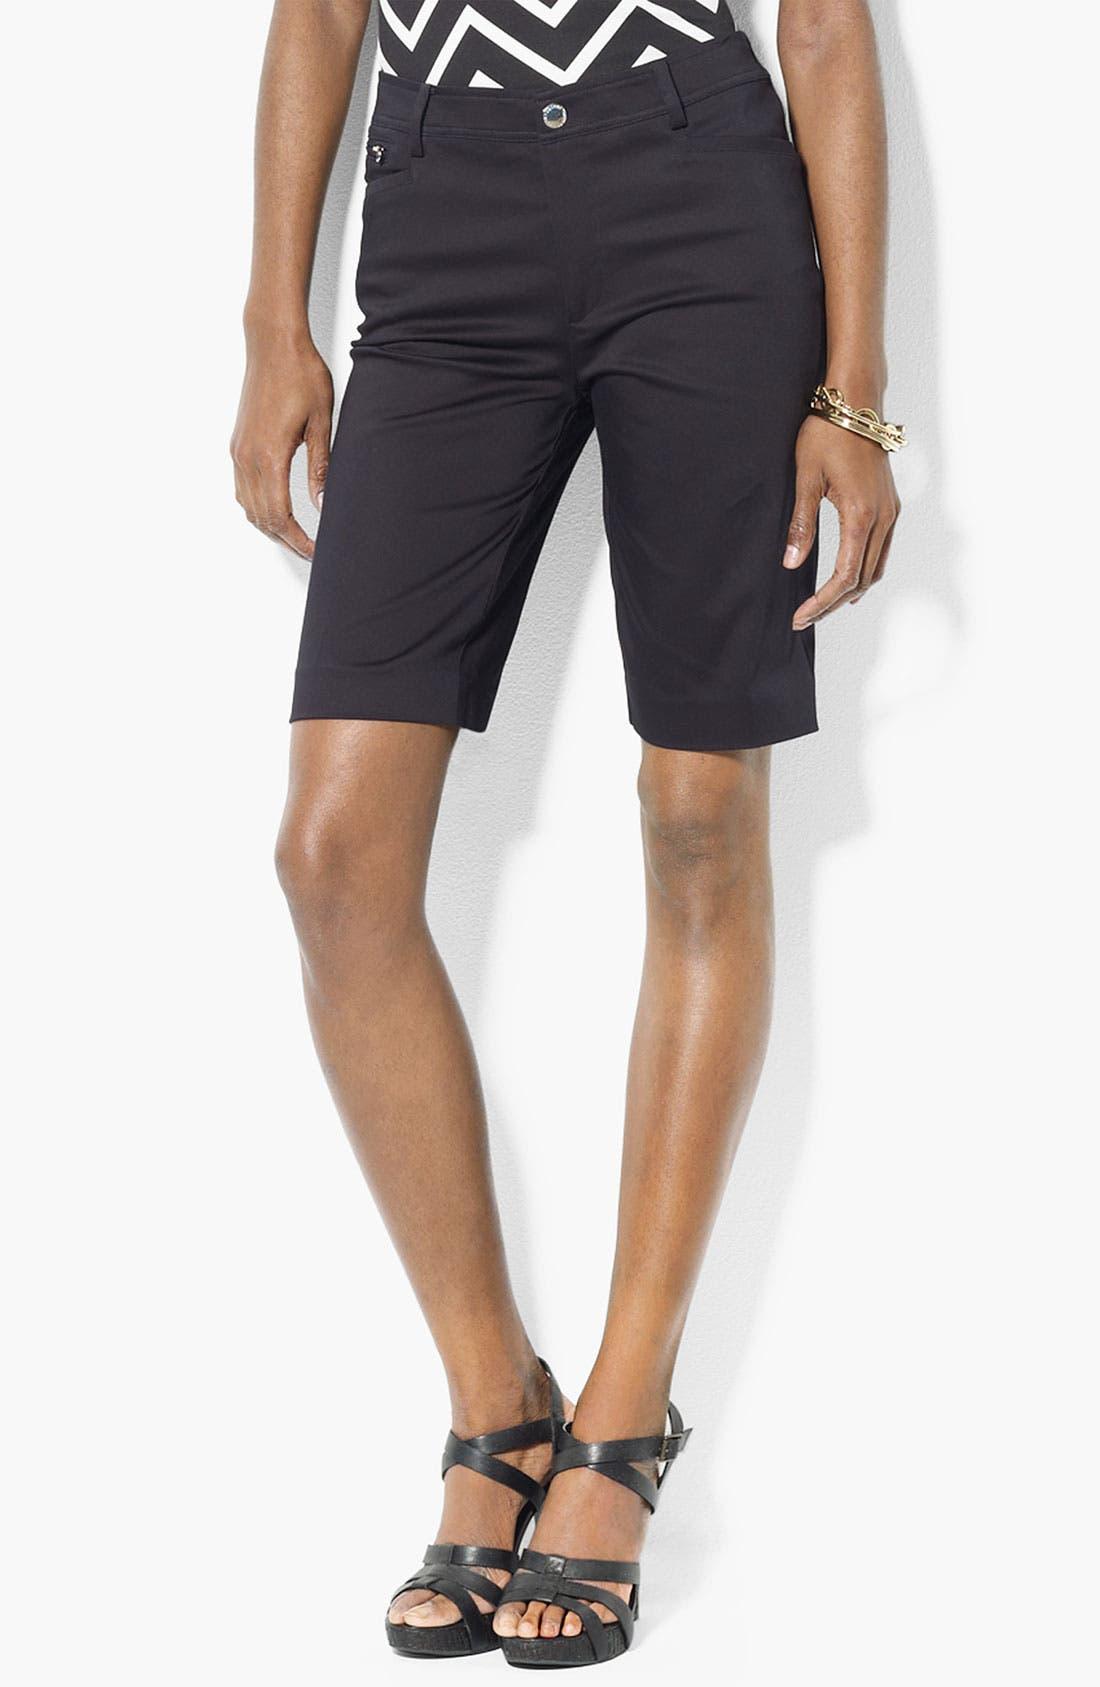 Main Image - Lauren Ralph Lauren Slimming Bermuda Shorts (Petite) (Online Only)